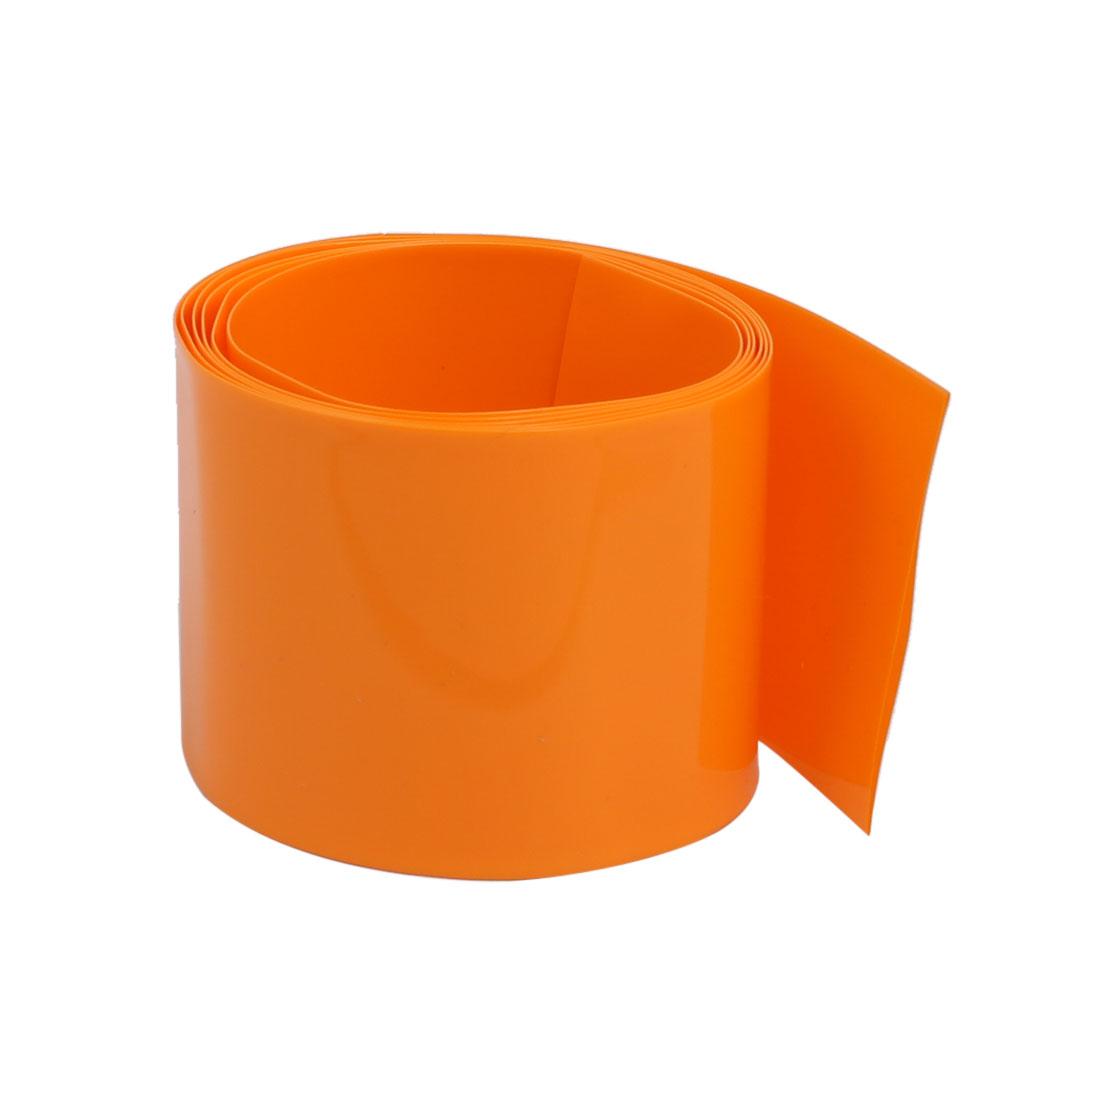 43mm Flat Width 1 Meter Long PVC Heat Shrinkable Tube Orange for 26650 Battery